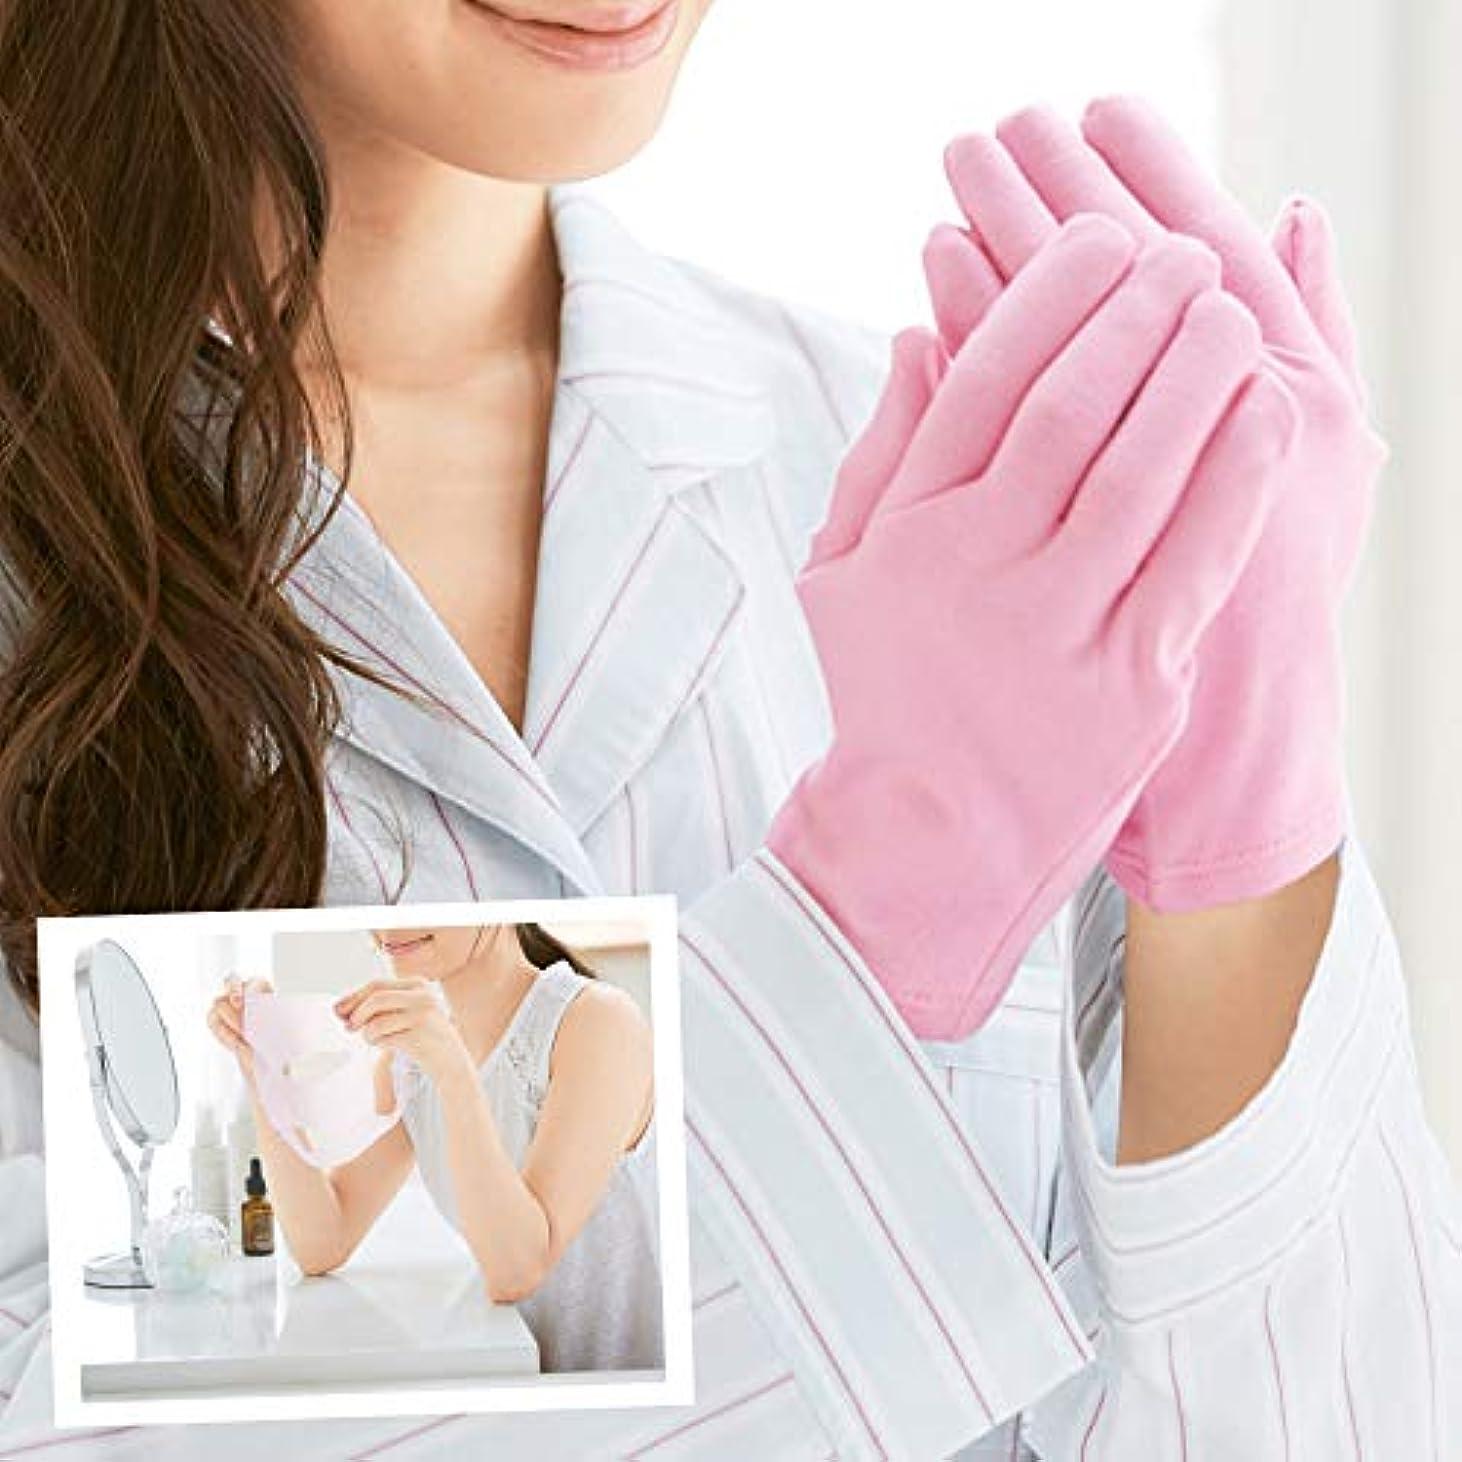 スキャンダラス粘液ごめんなさいうるり肌 シリコンマスク&ナイトケア手袋 保湿ケア 保湿手袋